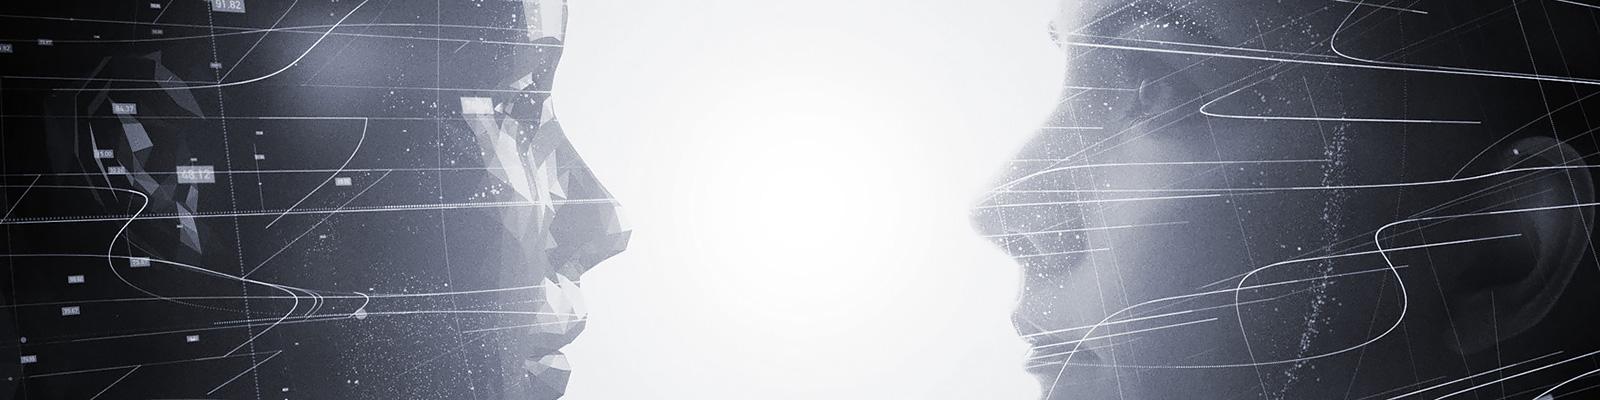 AI 顔認識 イメージ